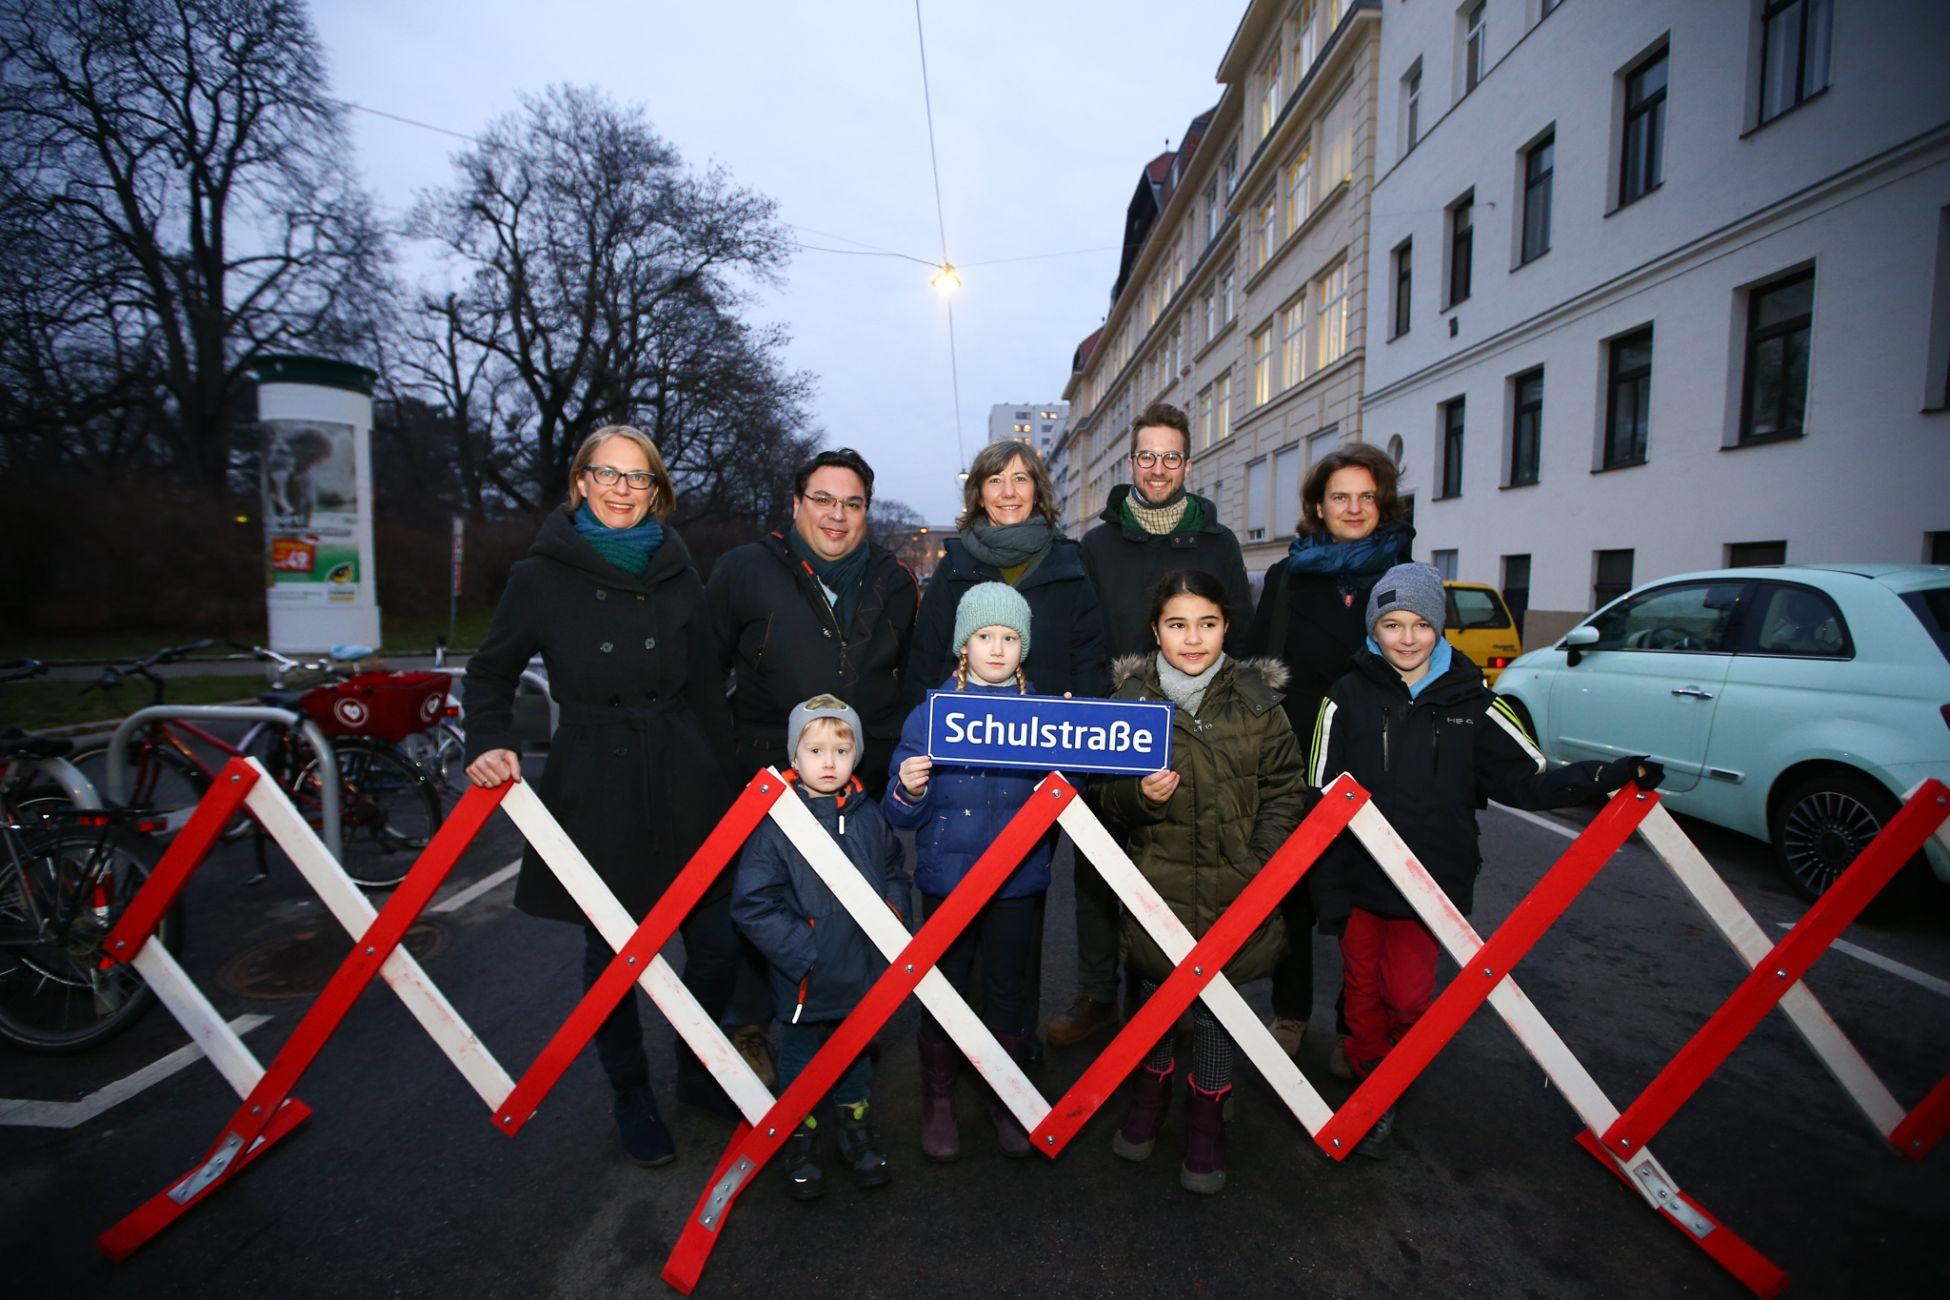 Wien hat nun 5. Schulstraßen. Die neueste in der Märzstraße in Penzing.